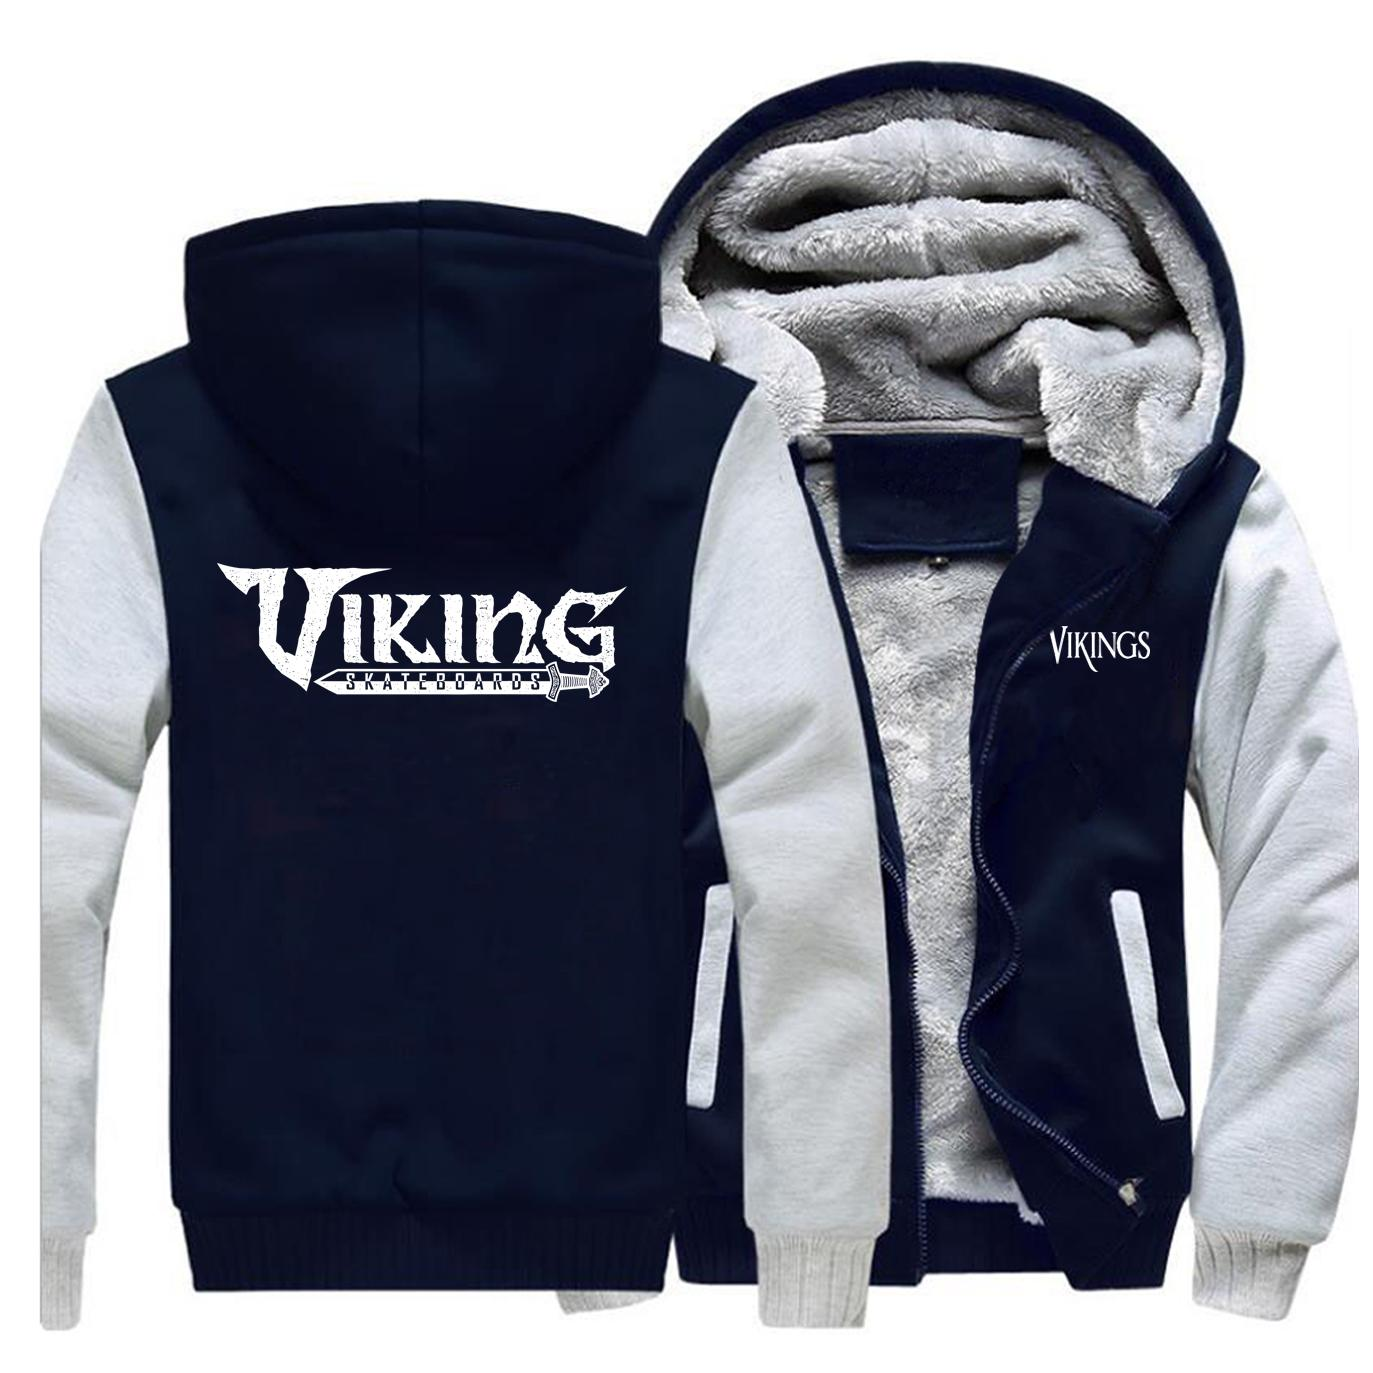 Odin Vikings 2019 Hiver Homme Homme Sweat à capuche amusant Casual Casual Hoodies Sweat-shirt Hommes Hommes Hommes Veste Lettre Imprimer Vêtements X1022